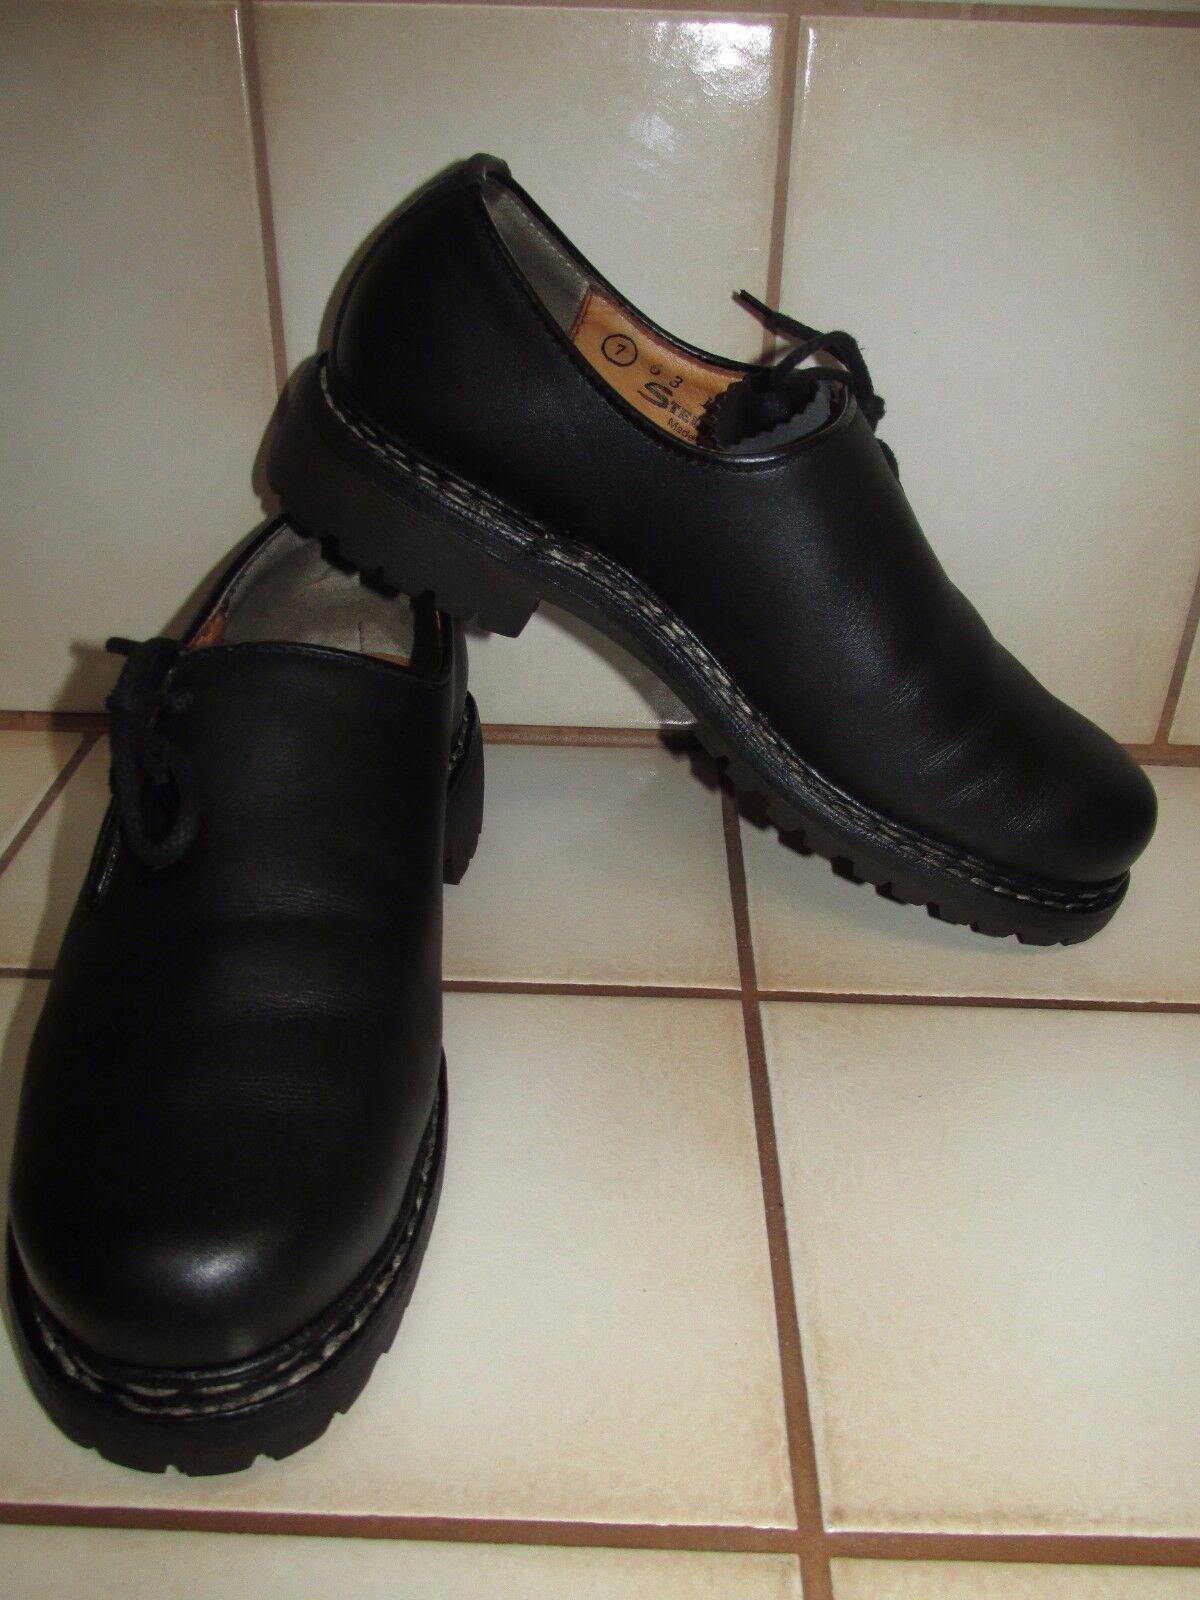 ORIGINAL STEINKOGLER ECHTLEDER HAFERL-chaussures,Gr.40 2 3 UK 7 ZWIEGENÄHT